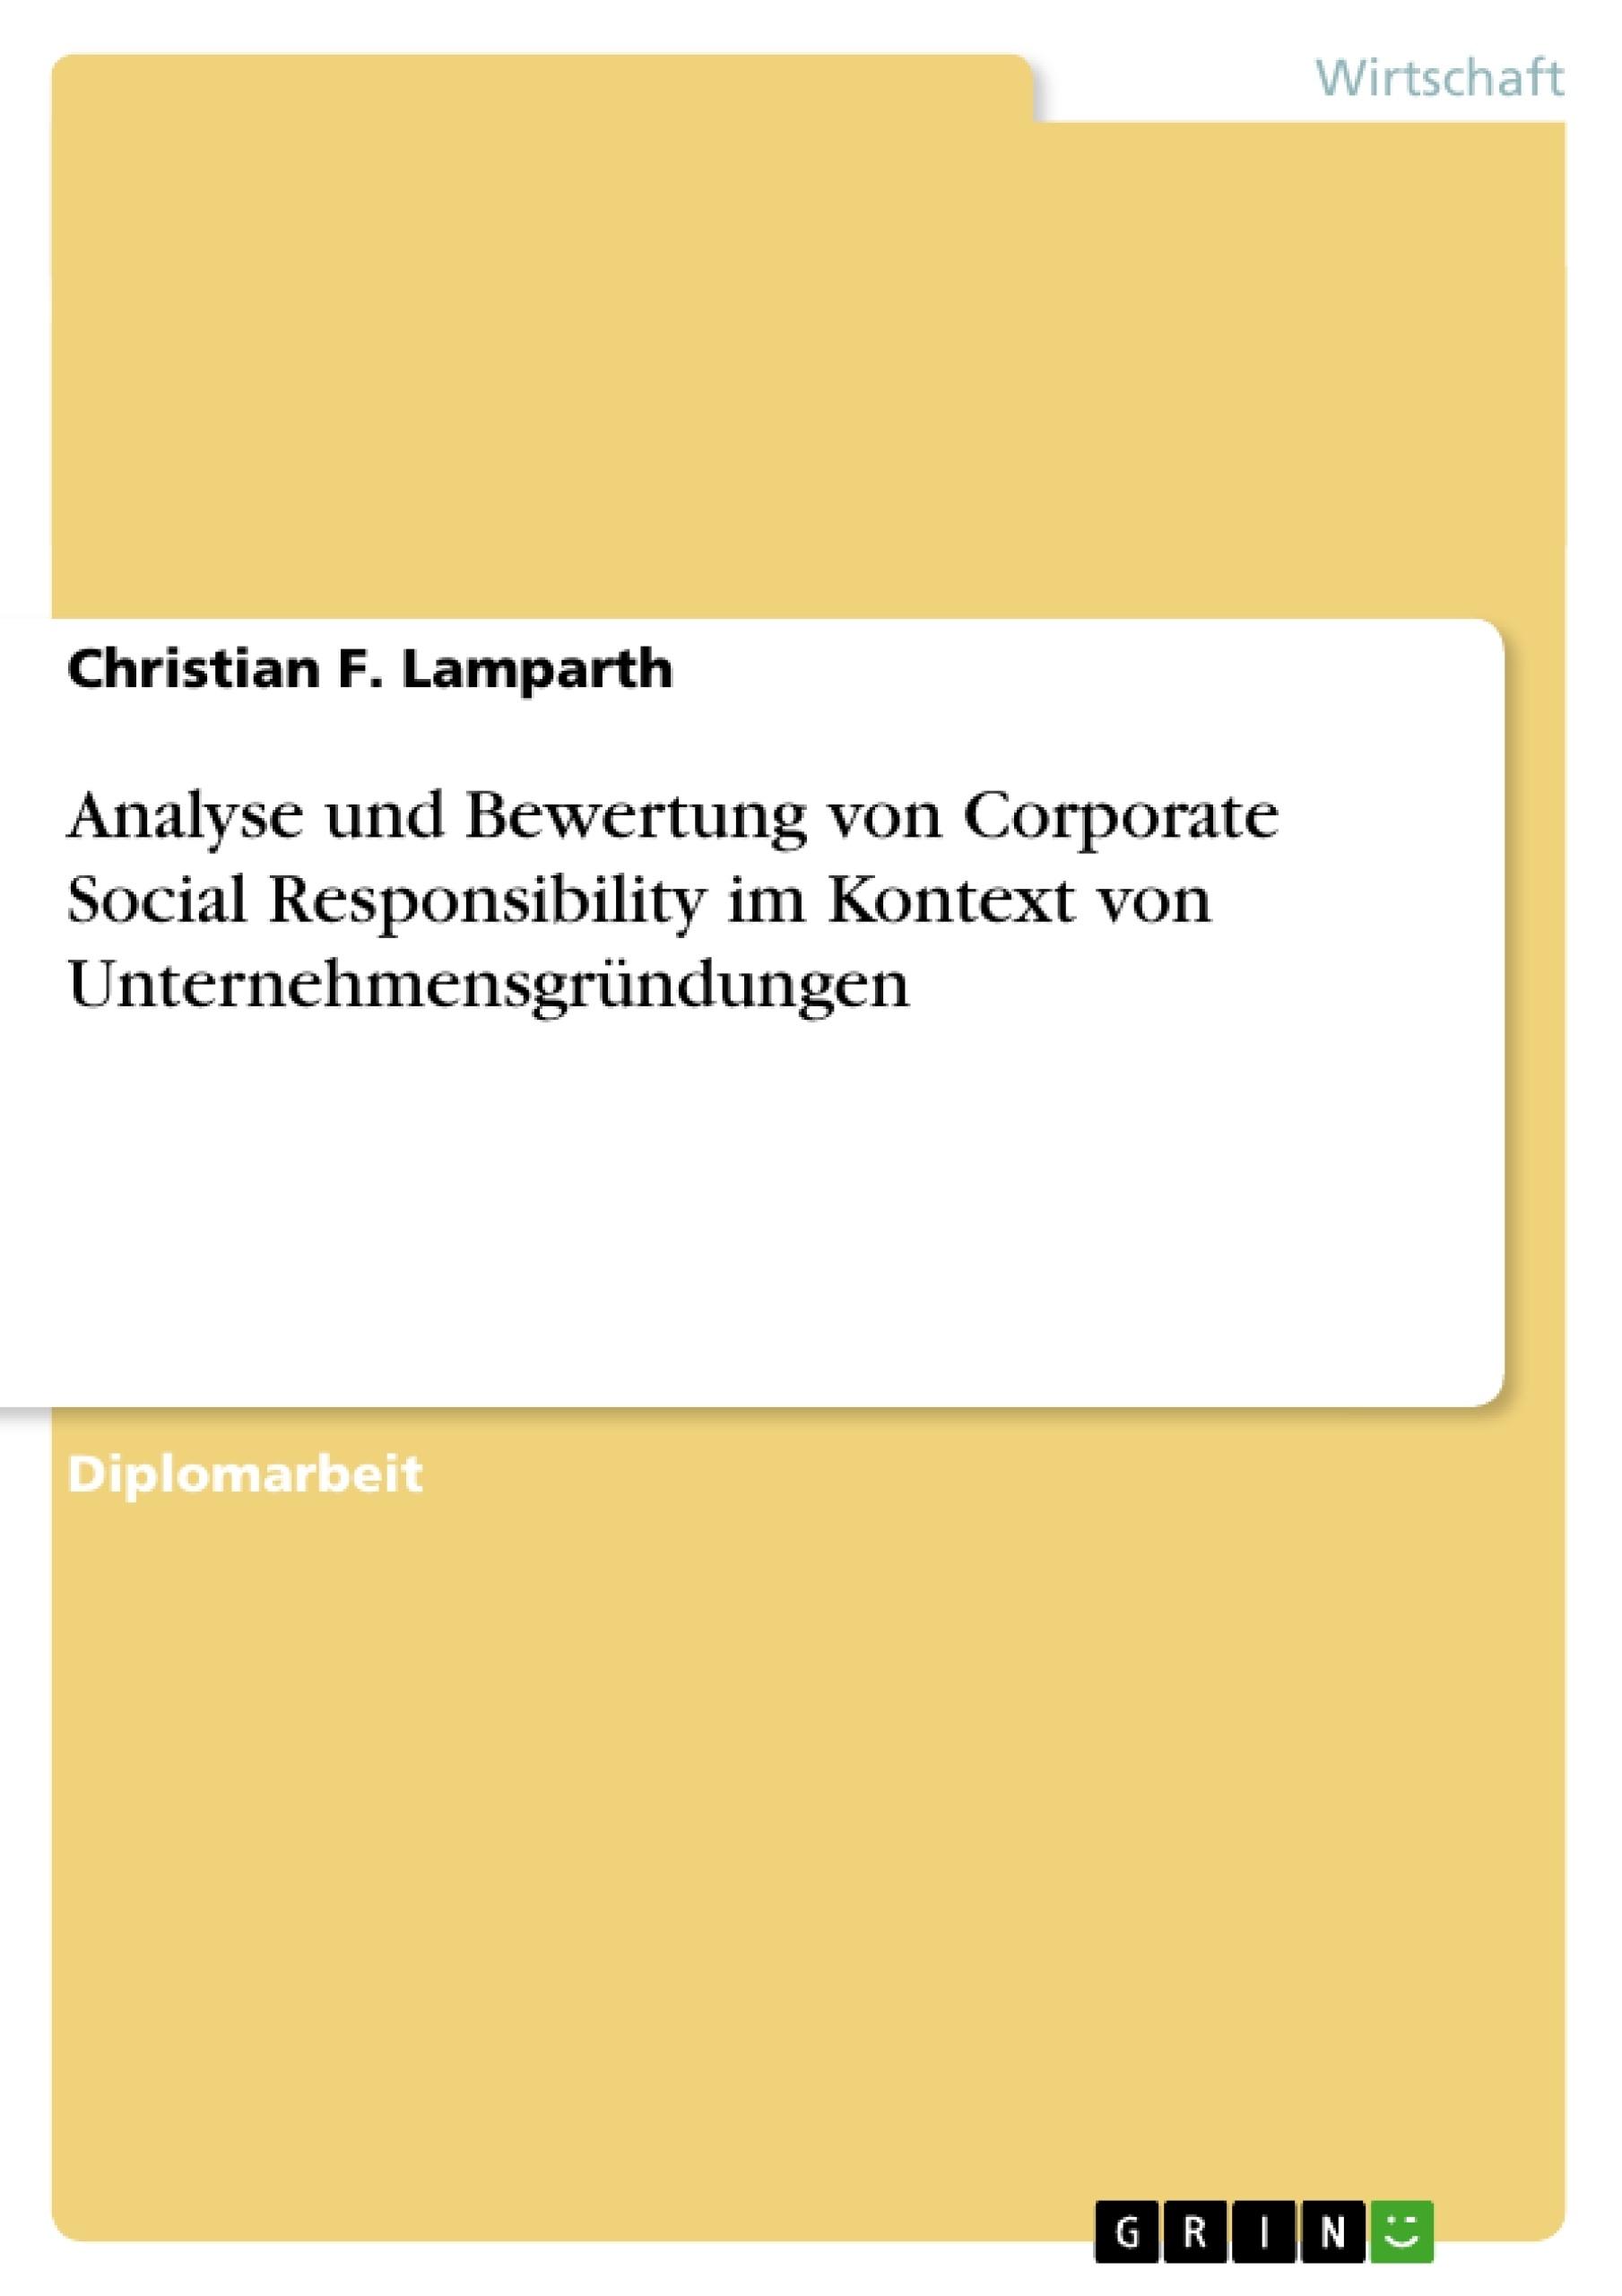 Titel: Analyse und Bewertung von Corporate Social Responsibility im Kontext von Unternehmensgründungen